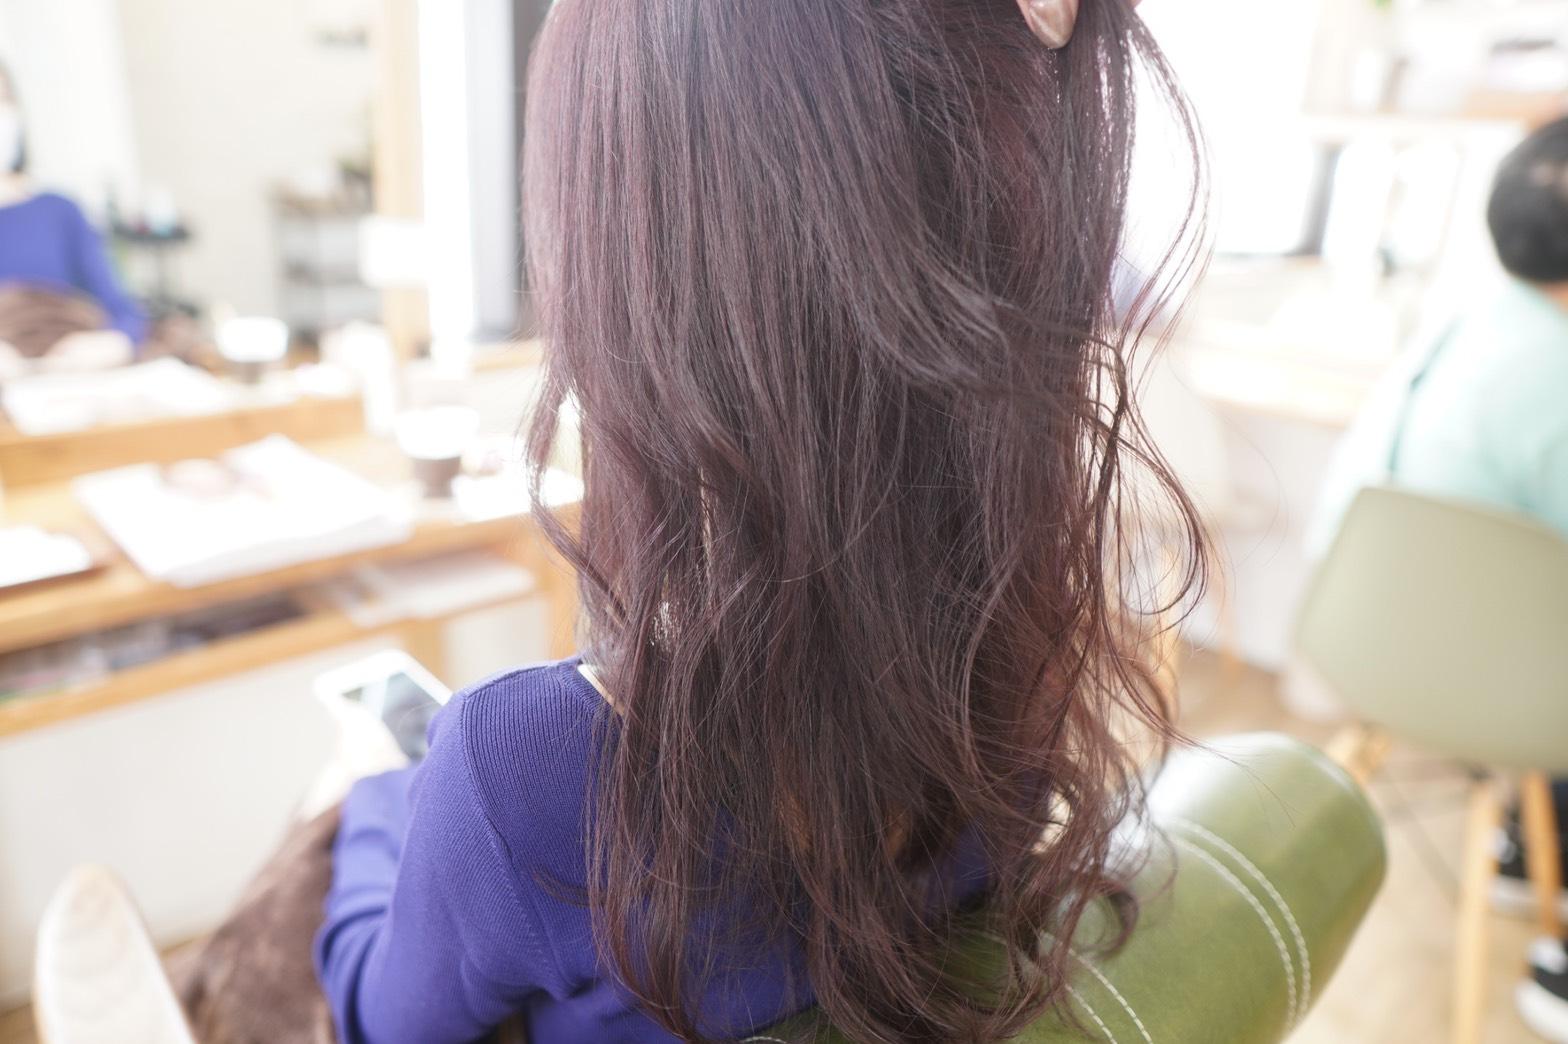 神戸 三宮 髪質改善 水素トリートメント ダブルカラー ピンクカラー ピンクダブルカラー ブリーチなしカラー